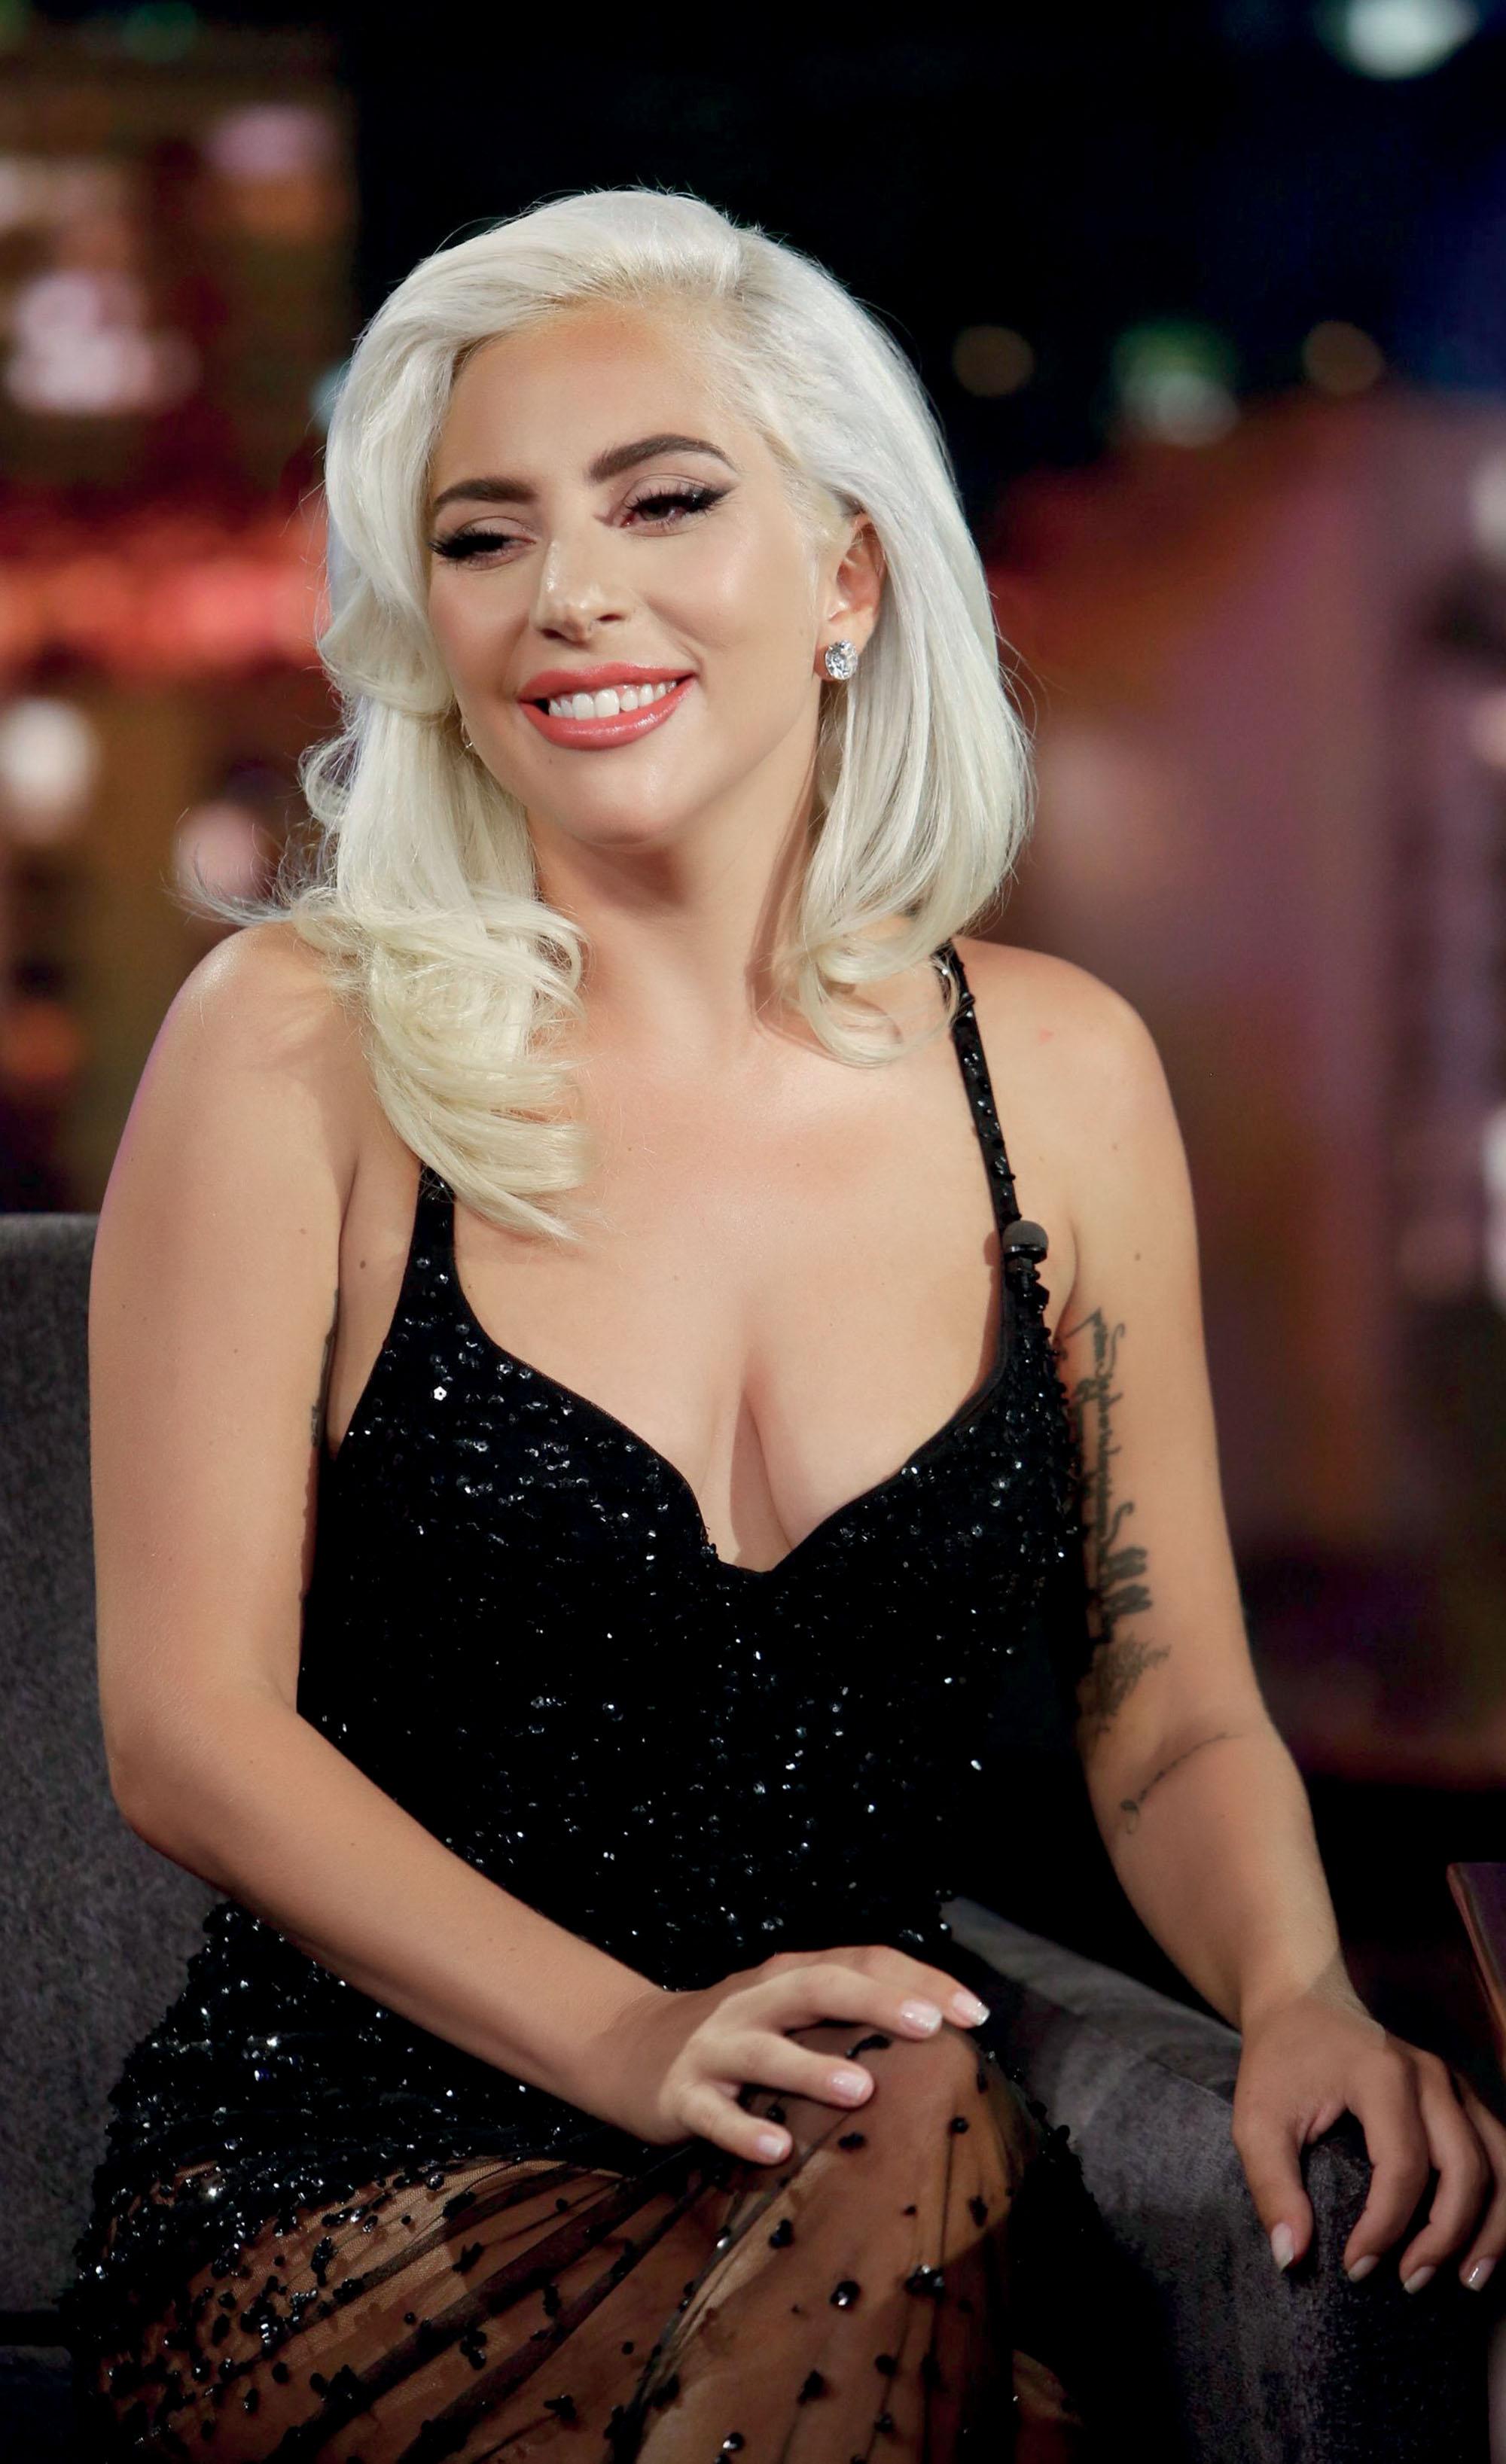 Tình hình ngành thời trang - nữ ca sĩ Lady Gaga